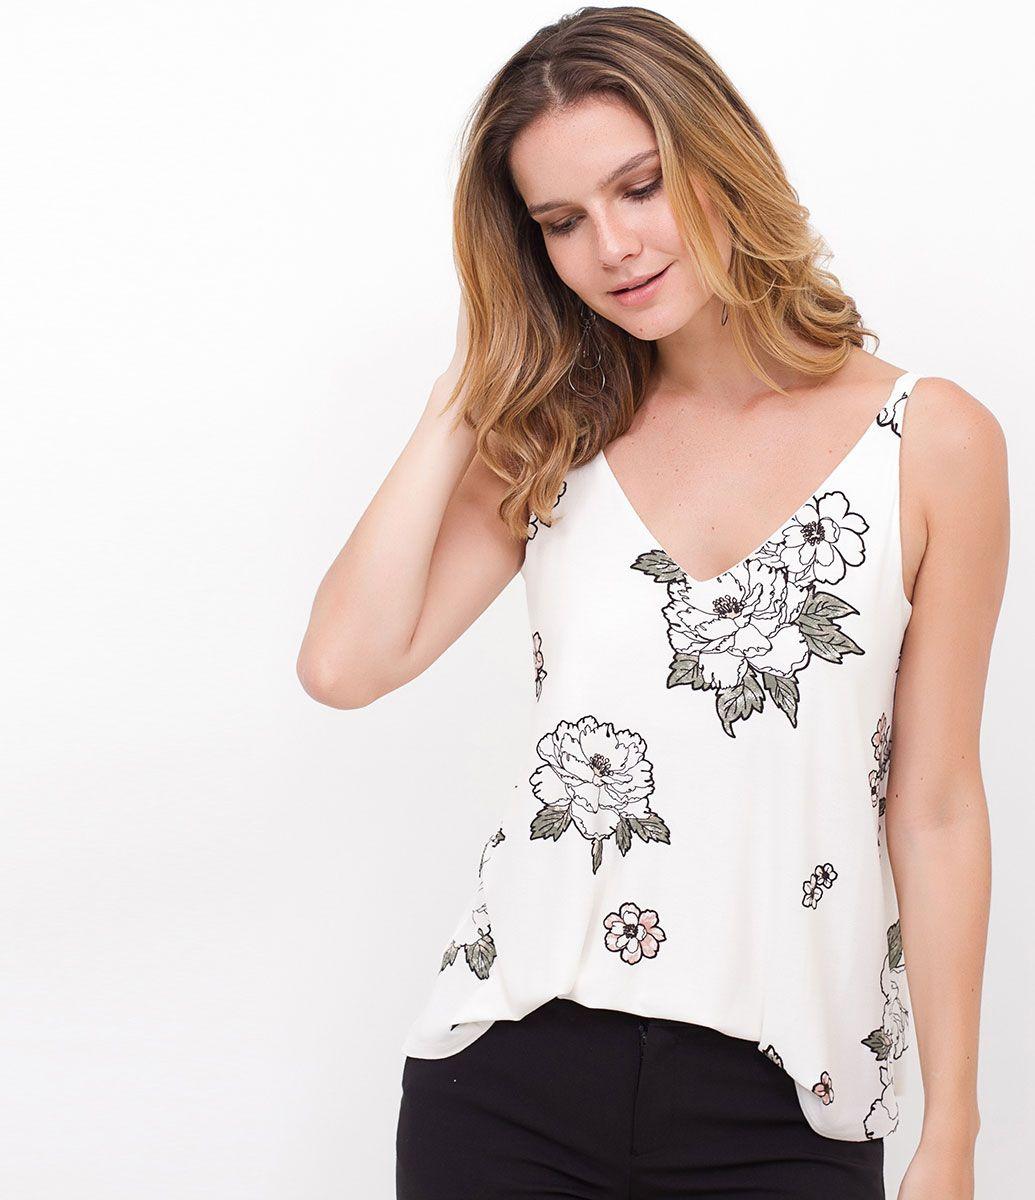 c214511cd6a5 Blusa feminina Modelo regata Estampa floral Decote V na frente e costas  Modelo veste tamanho: